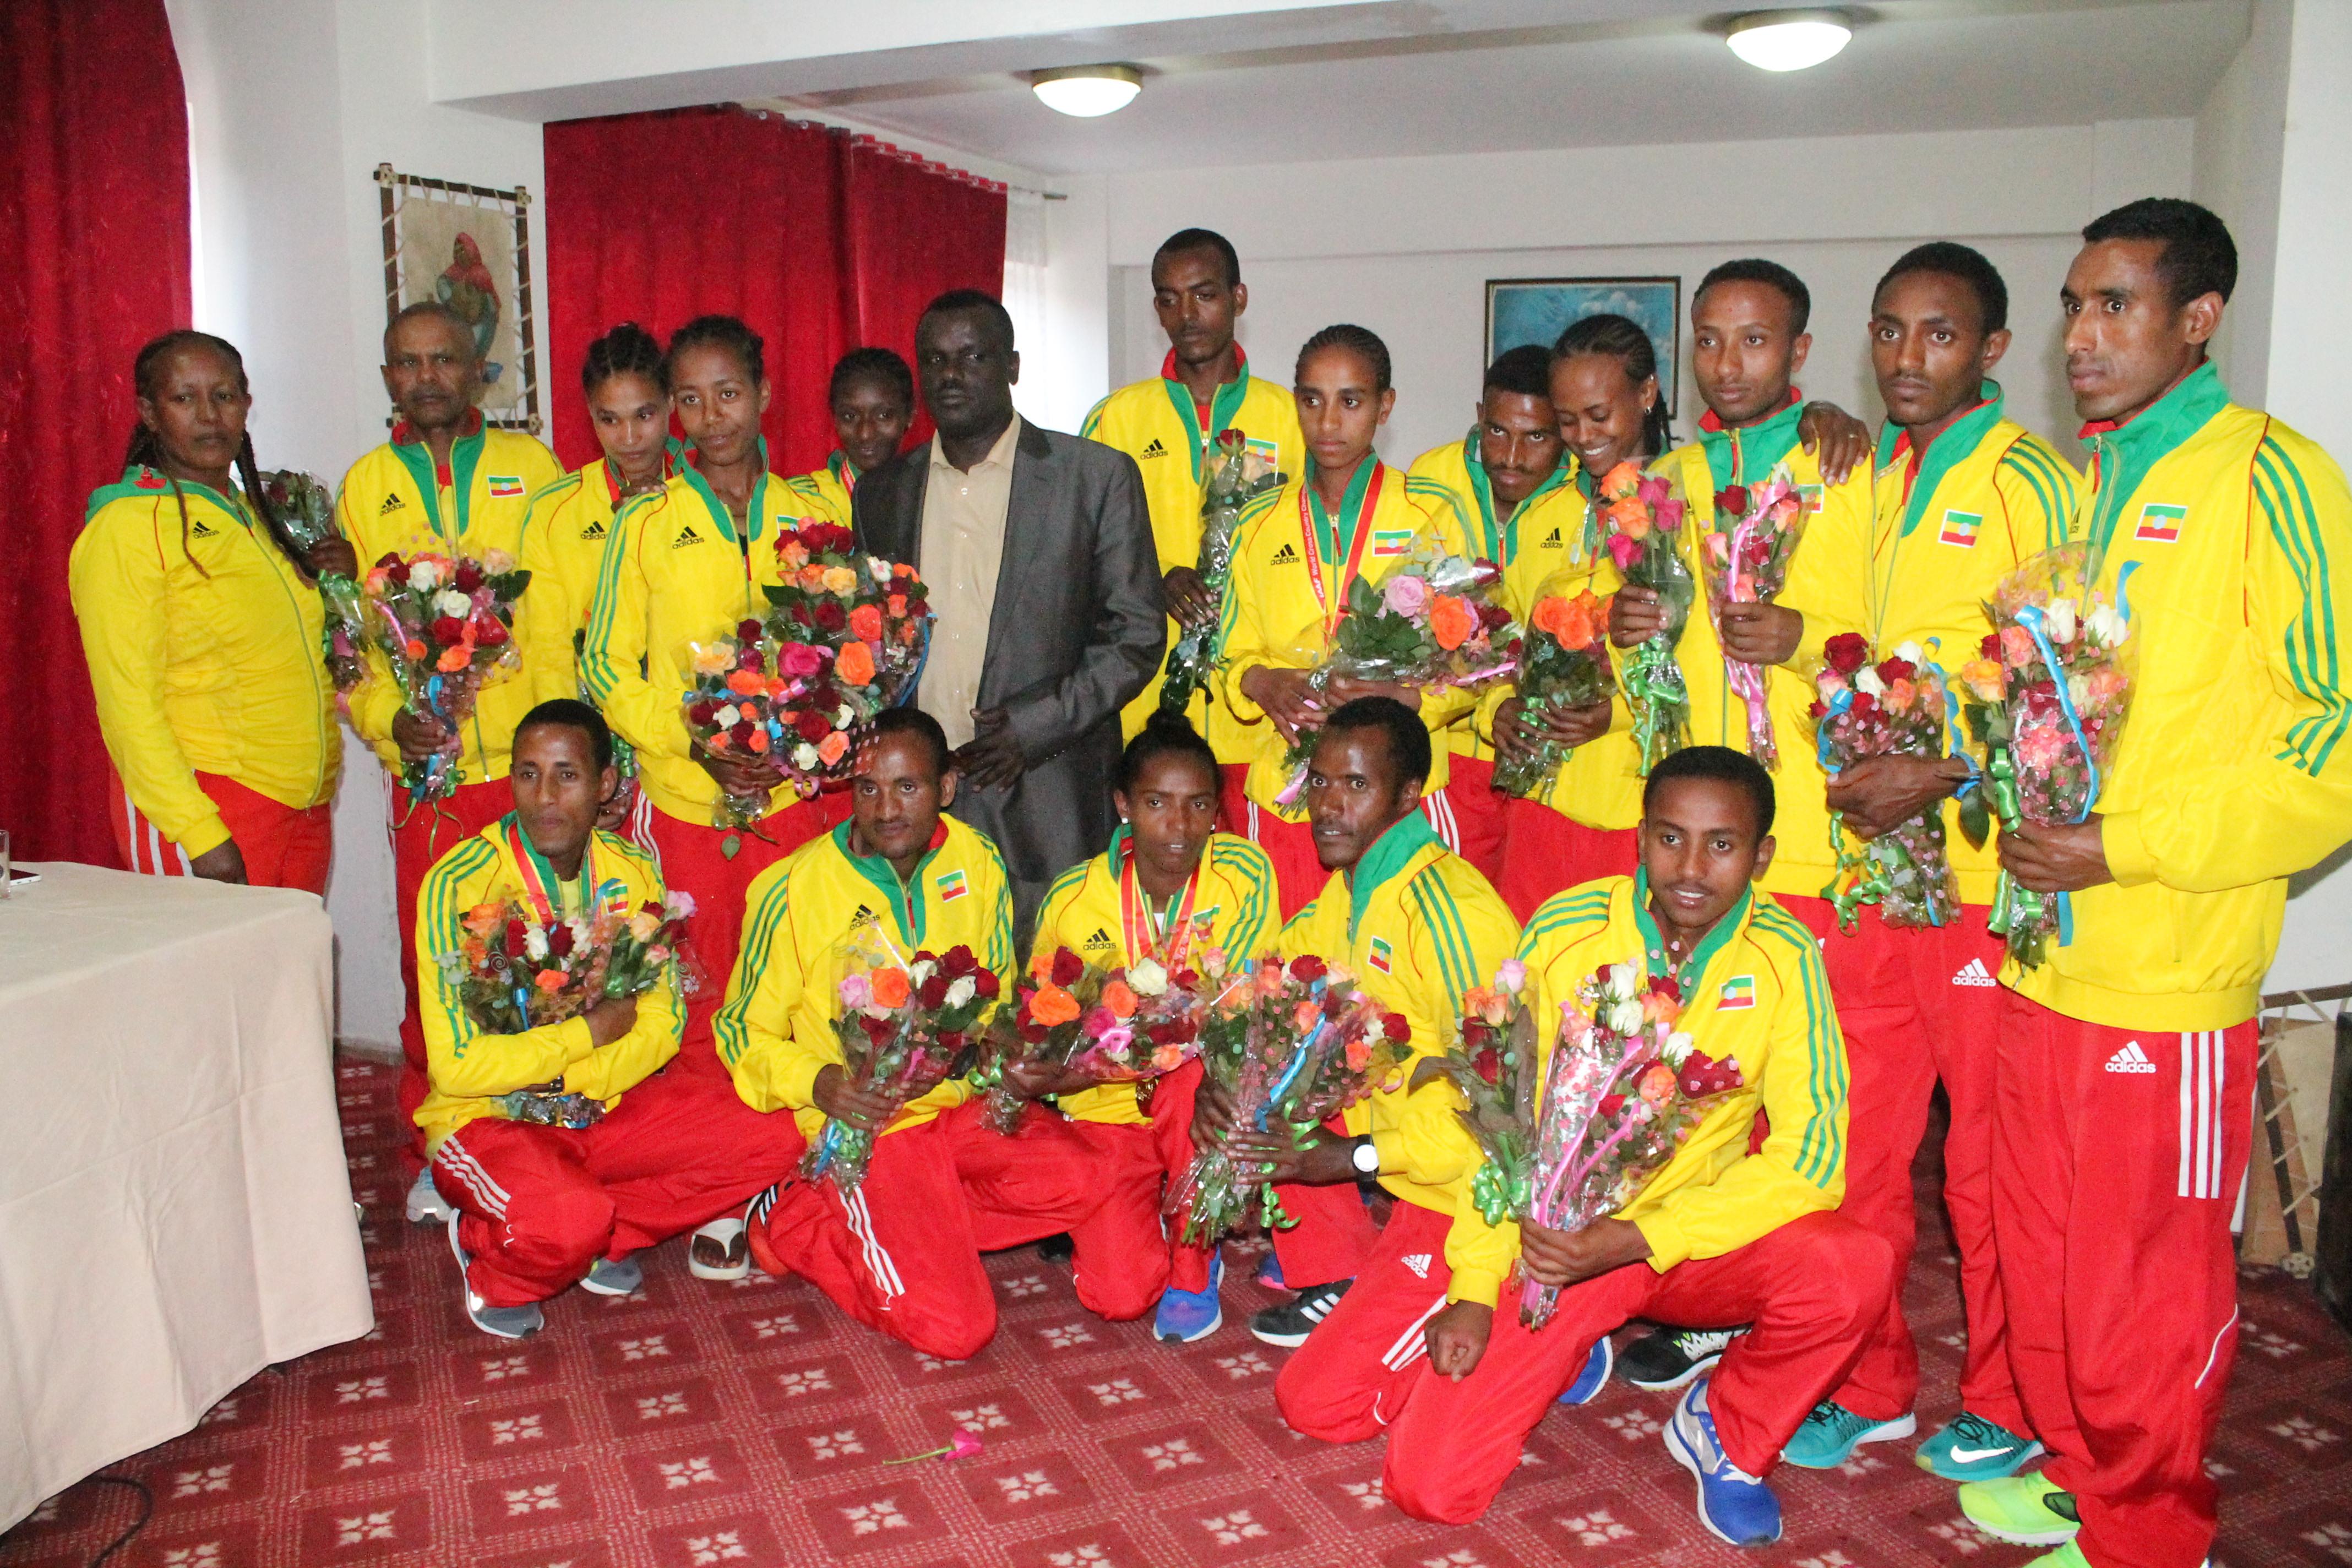 Ethiopian athletics team post Guiyang reception at National Hotel